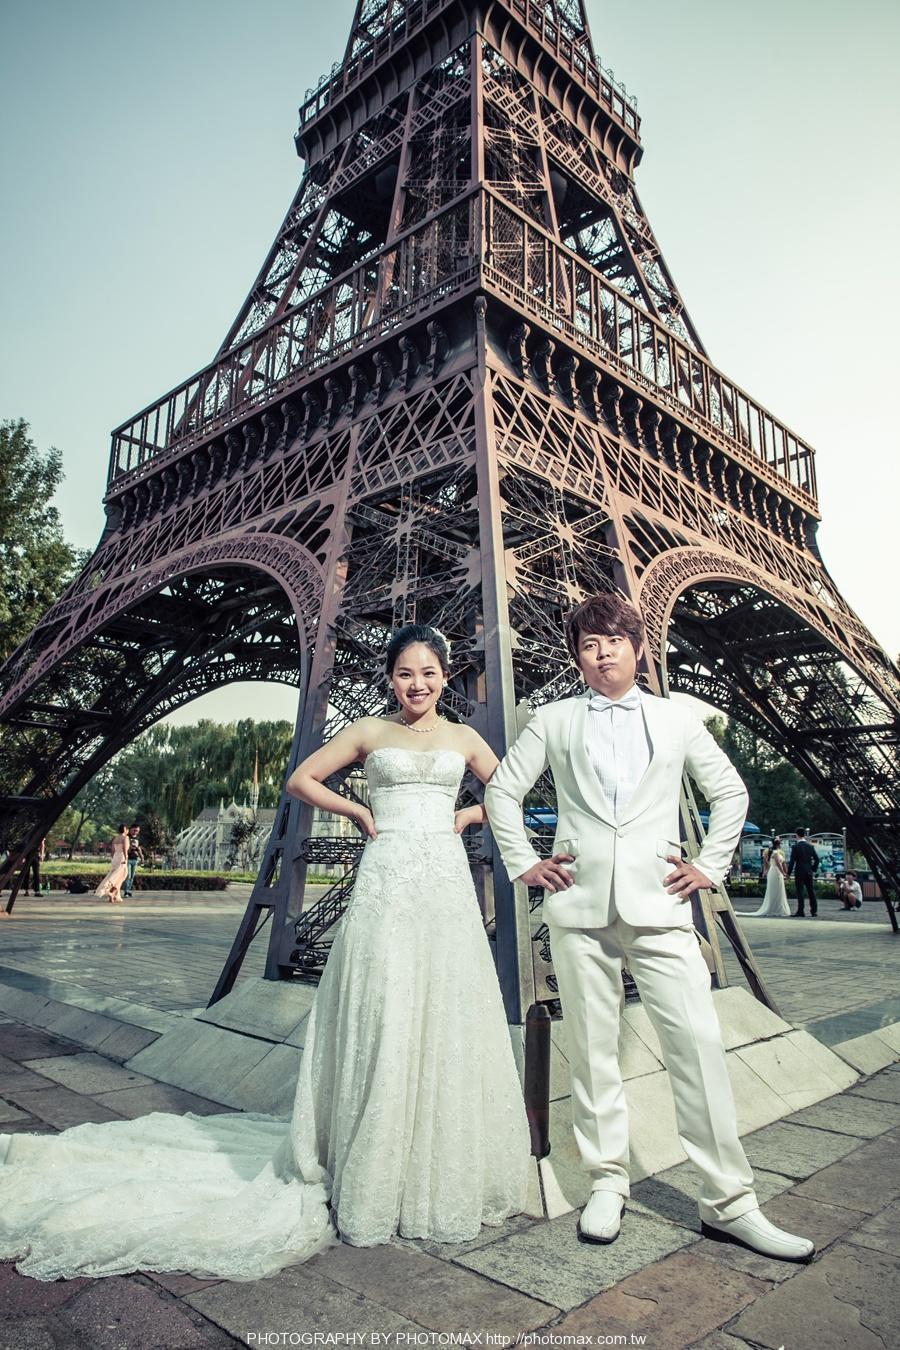 李艷萍 PHOTO MAX 老麦摄影 绕着世界拍爱情 婚纱摄影 (6)